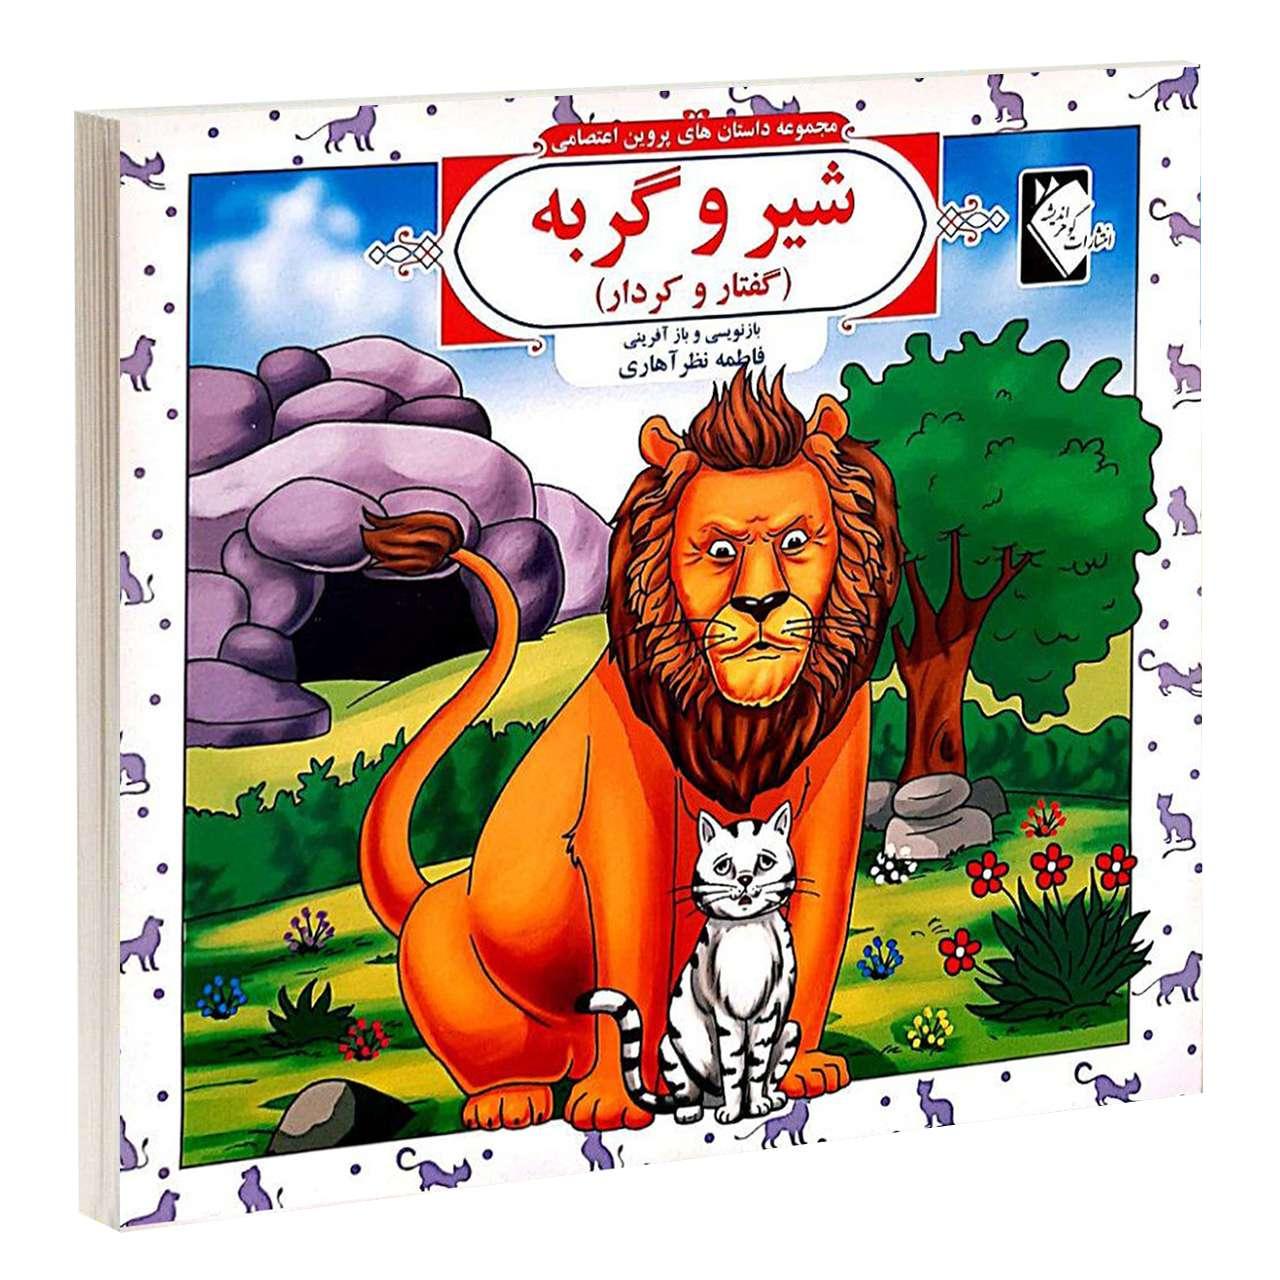 کتاب مجموعه داستان های پروین اعتصامی شیر و گربه اثر فاطمه نظر آهاری انتشارات گوهراندیشه